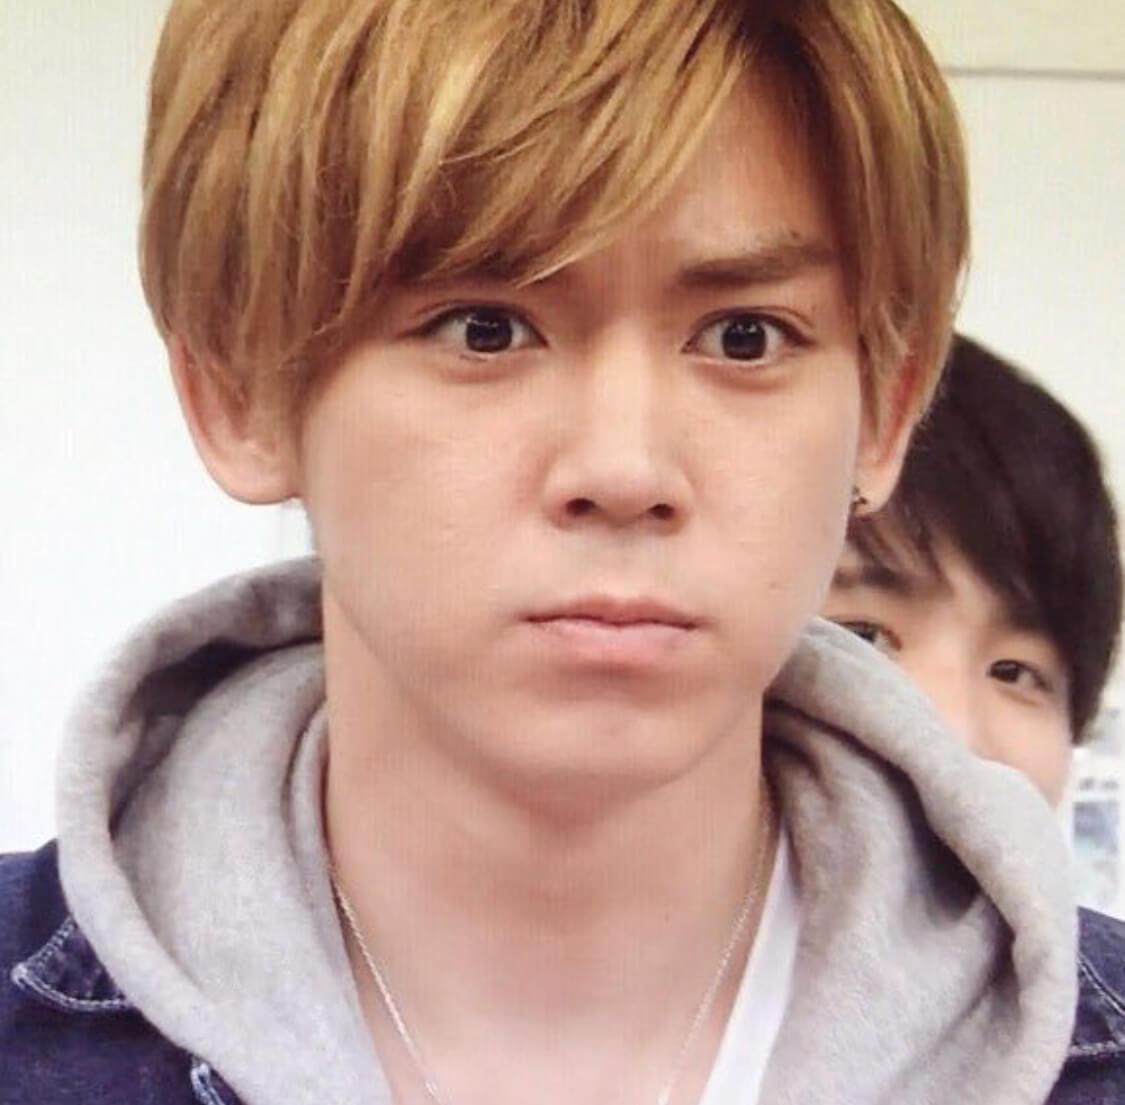 1996年7月30日生まれの21歳の小瀧望は、みんな関西人のジャニーズWESTのメンバーの1人です。 2008年にジャニーズ 事務所に入り、Hey!Say!7WESTに加入しました。